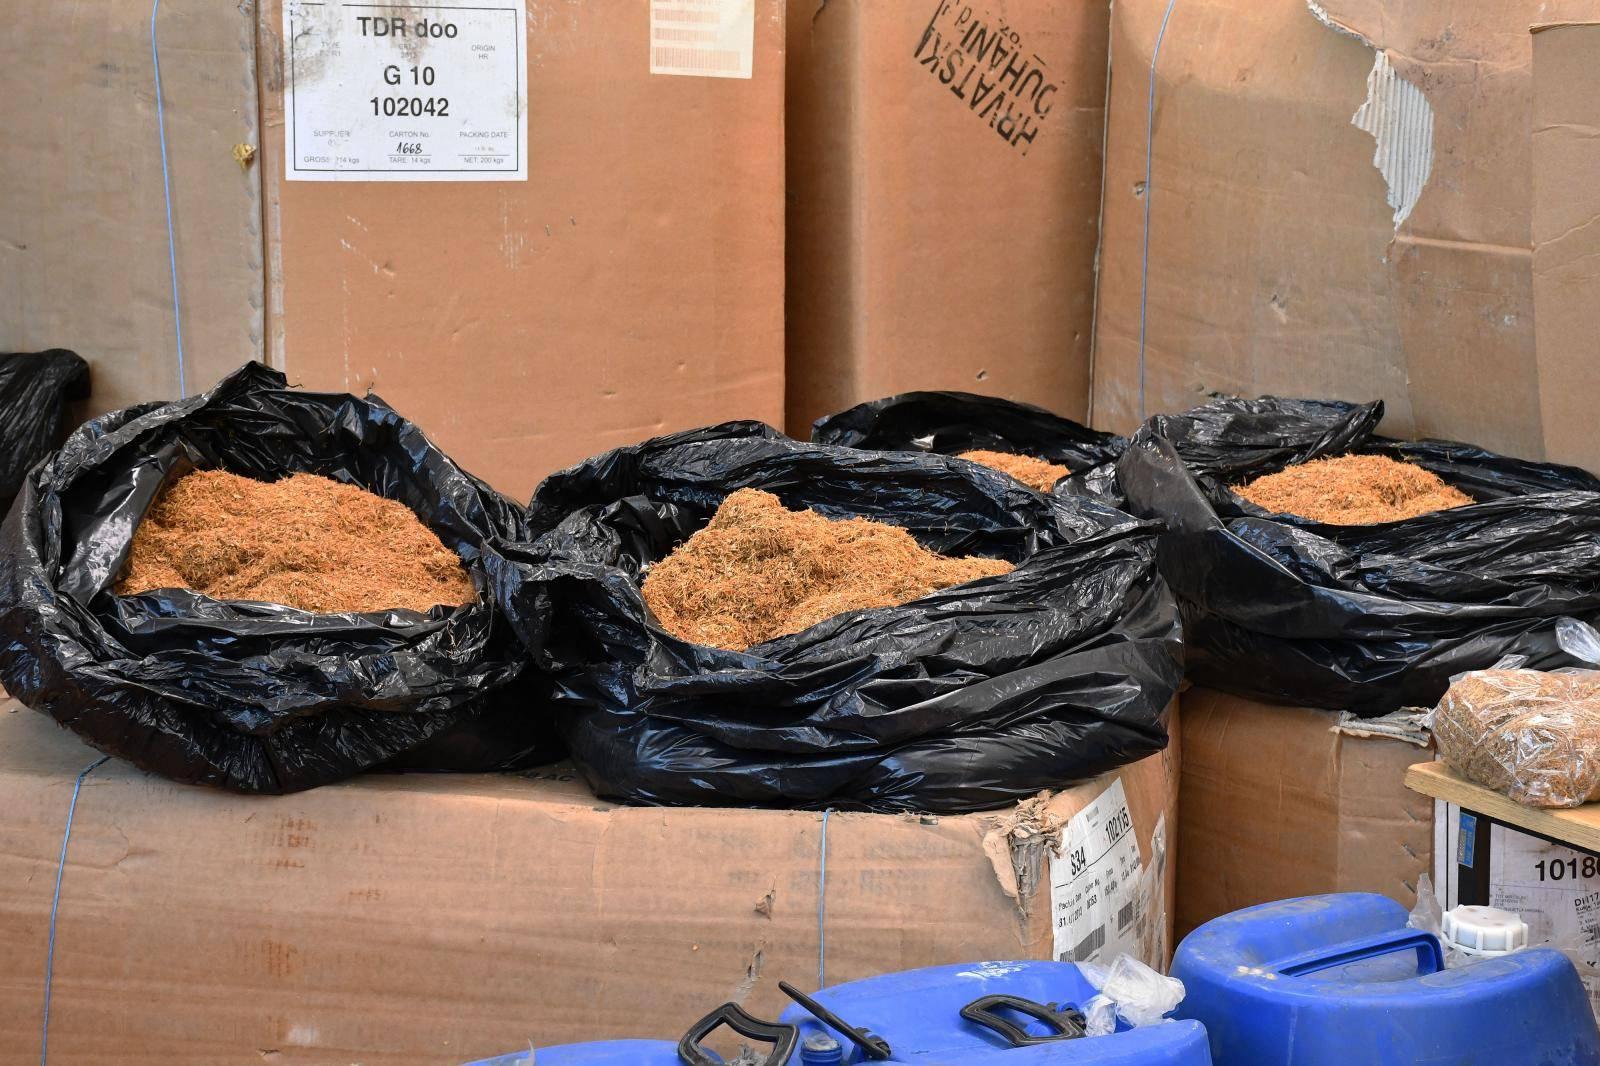 Požega: Policija zaplijenila veliku količinu duhana, marihuane, alkohola, oružja i sredstava za potenciju